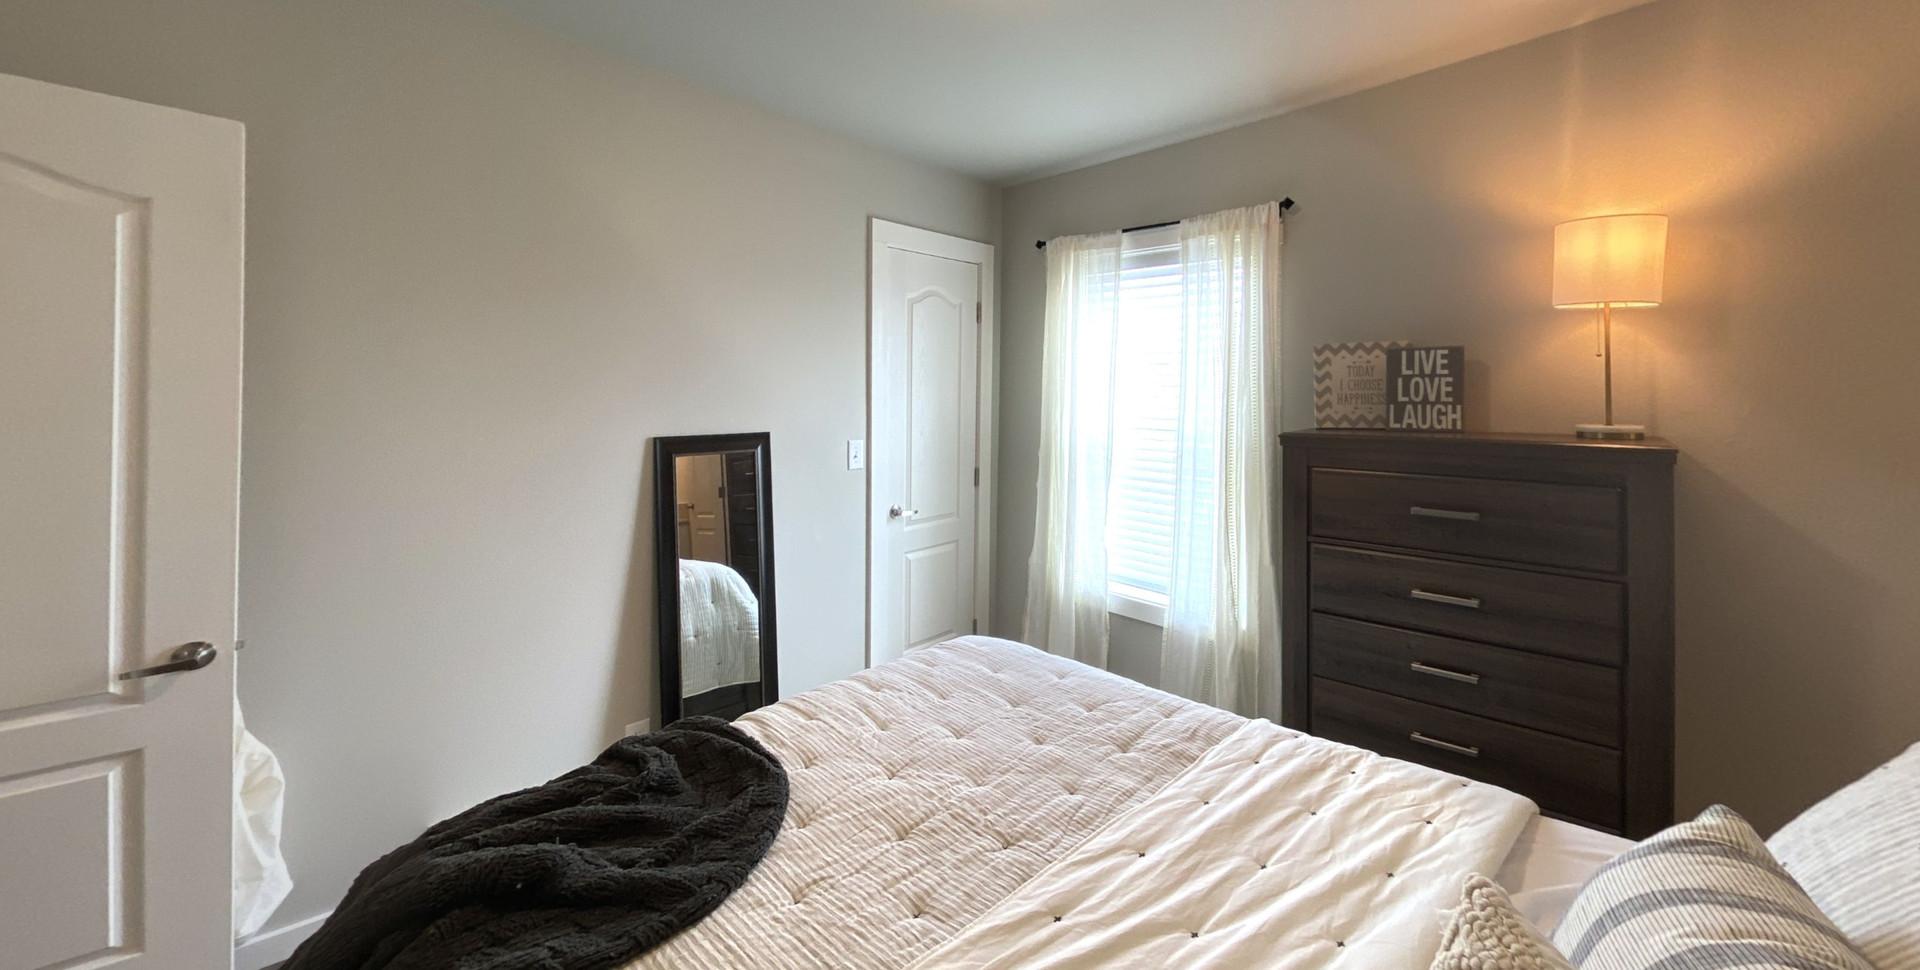 310-Omnia-Bedroom.jpg